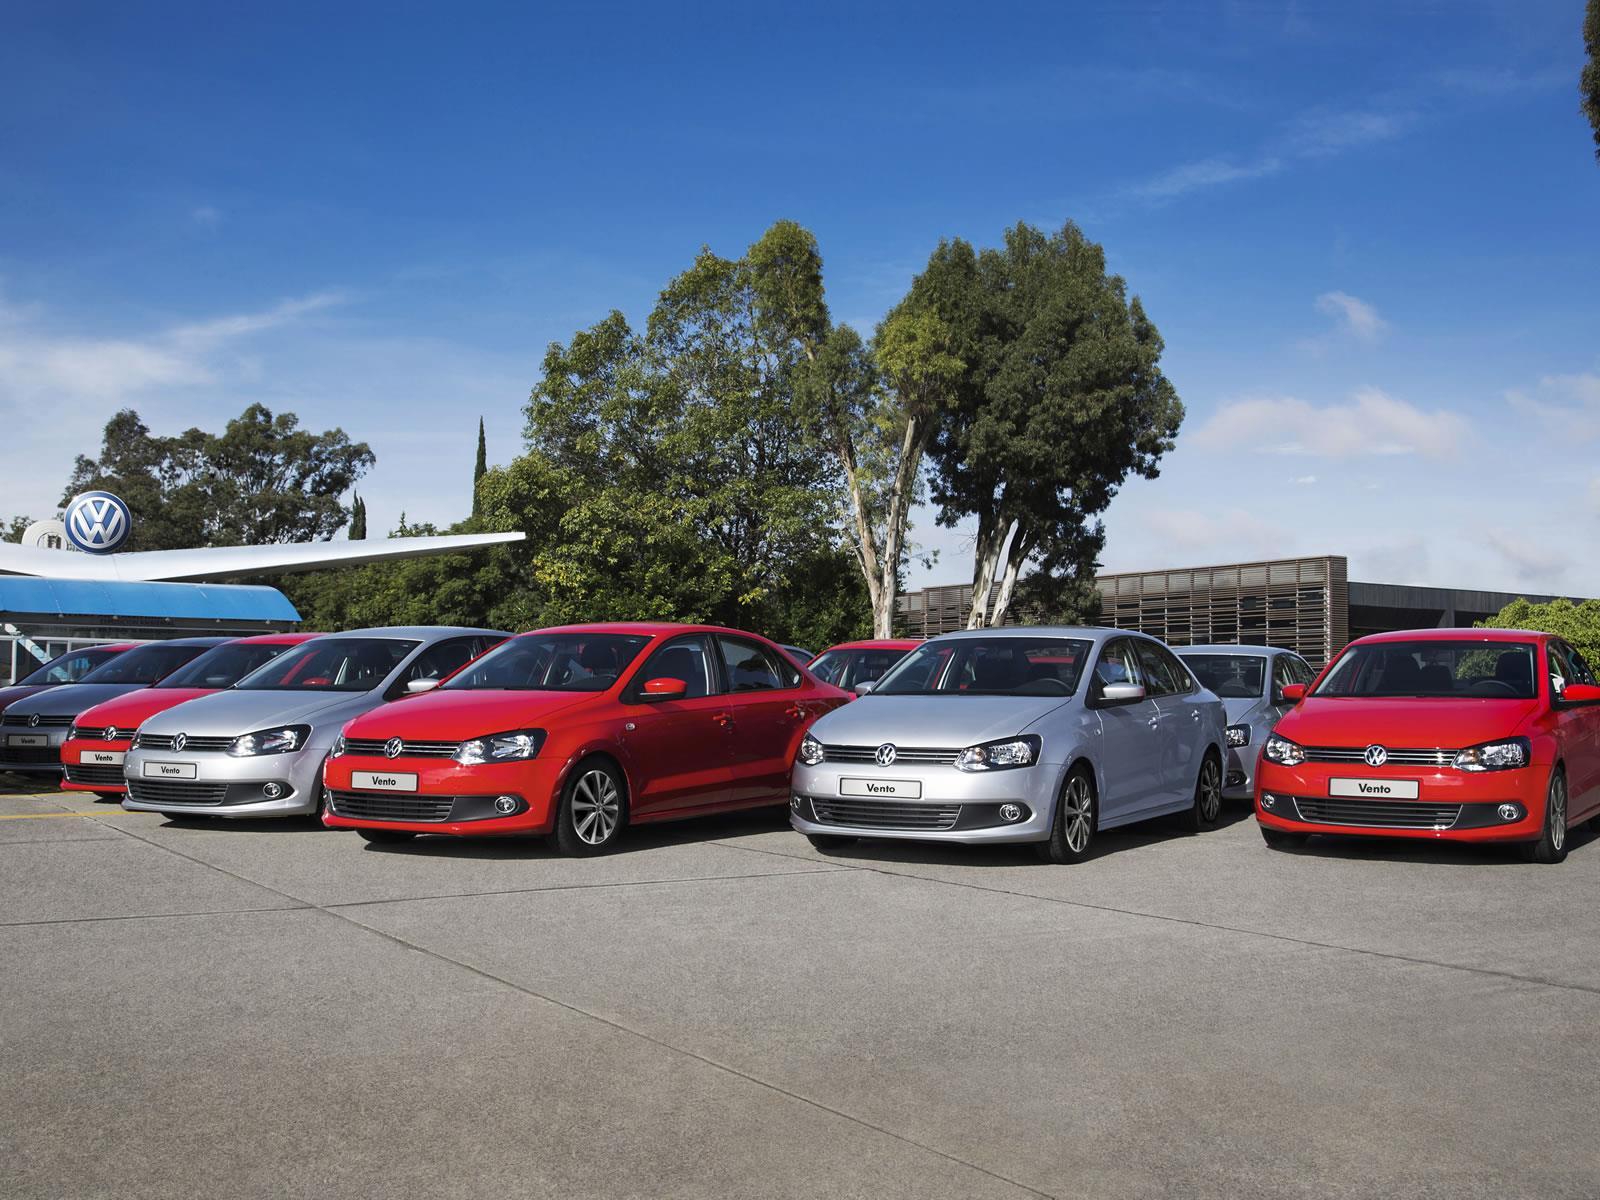 Volkswagen Nuevo Vento 2014, ¿el sustituto del Jetta Clásico